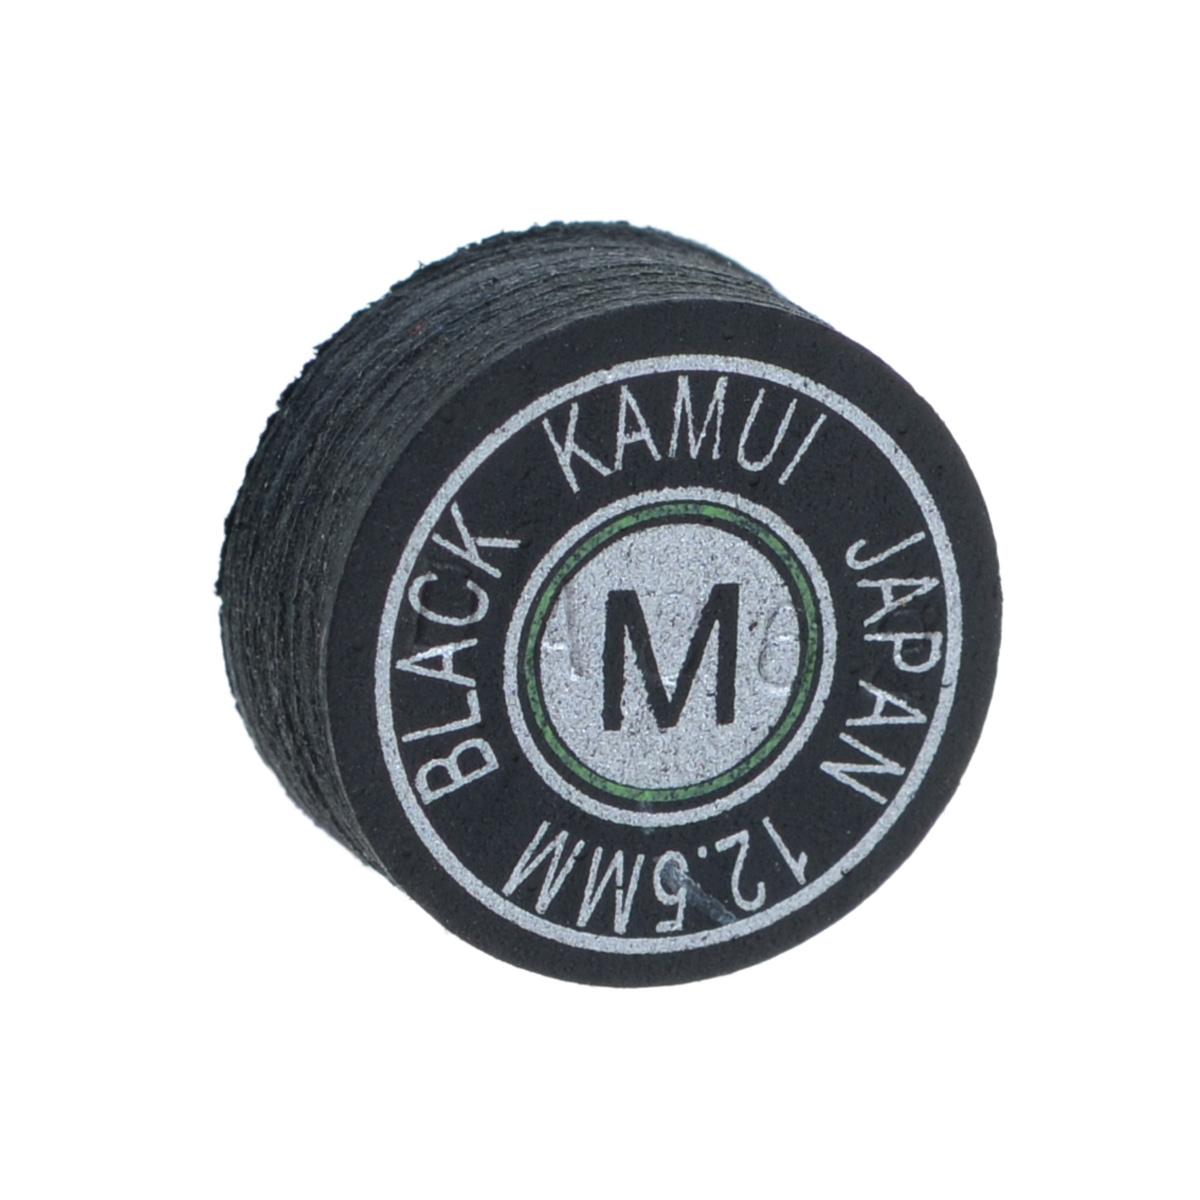 Наклейка для кия Kamui Black, средняя жесткость, 12,5 мм05342Почему игроки выбирают наклейки KAMUI: Повышенная устойчивость к влажности. Кожа для наклеек KAMUI проходит этап растительного дубления. Это позволяет сделать кожу более эластичной и прочной по сравнению, например, с кожей, которая прошла этап хромового дубления. Тем не менее, после растительного дубления кожа имеет тенденцию поглощать влагу, которая уменьшает как прочность, так и эластичность кожи. Именно поэтому KAMUI проводит дополнительный, специальный, этап дубления кожи, после которого кожа сохраняет прочность и эластичность. Как результат - наклейки KAMUI не изменяют своих игровых свойств даже в средах с повышенной влажностью. Уменьшение эффекта грибной шляпки. Появление у наклейки формы грибной шляпки связано с отсутствием достаточной прочности у наклейки при ударе по шарам. Эта шляпка не позволит игроку сделать точный, аккуратный удар. Во время дубления кожи для наклеек KAMUI процесс останавливается именно в тот момент, ...